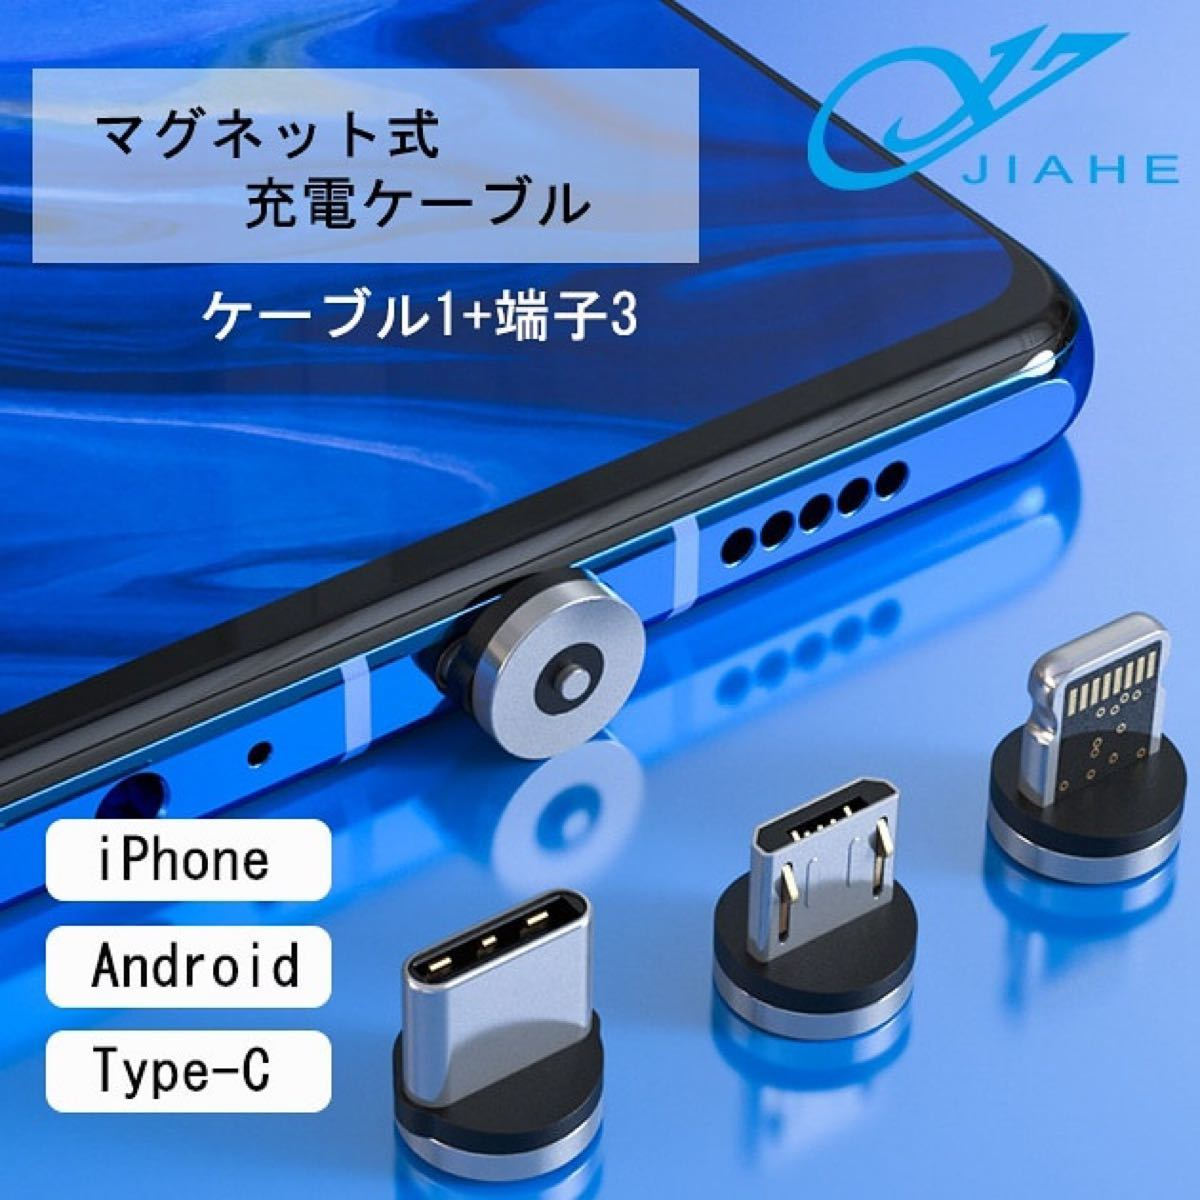 マグネット充電ケーブル 1M *3本+端子6個(iPhone *2Android*2TYPE-C*2)急速充電 断線防止磁石式